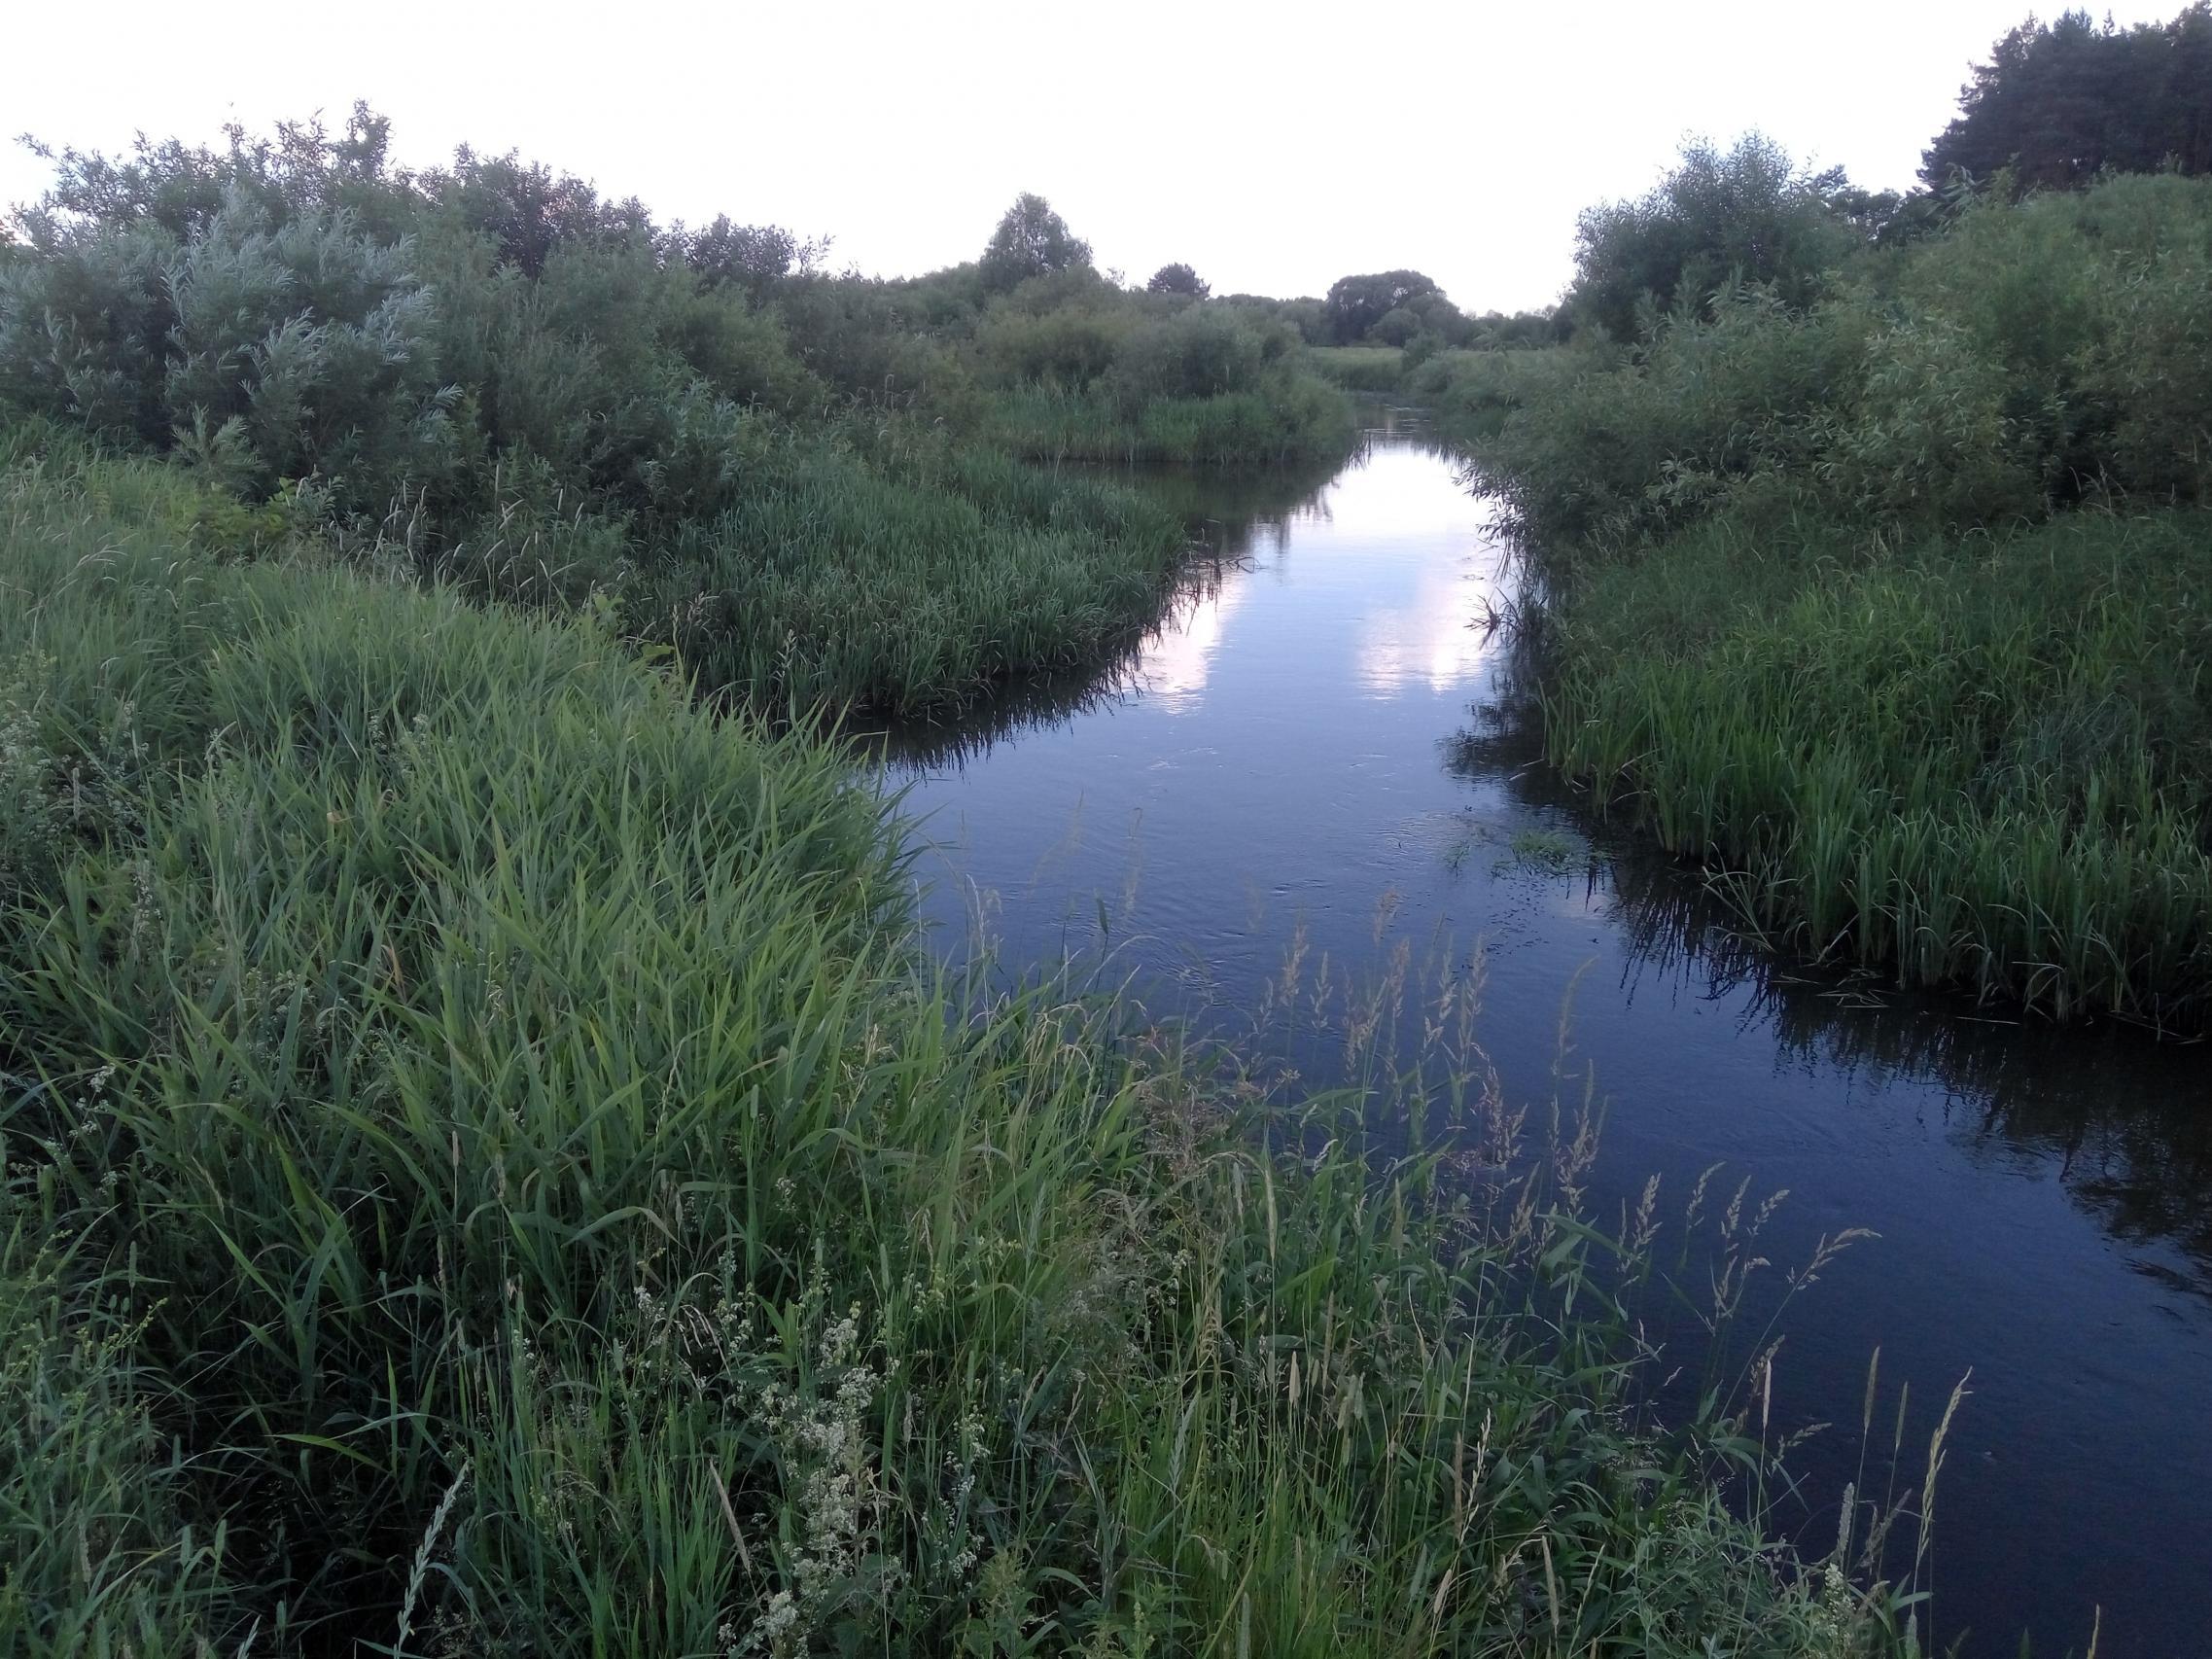 Вчера (29.06) посетил небольшую речушку. Давно хотел проверить ...   Отчеты о рыбалке в Беларуси